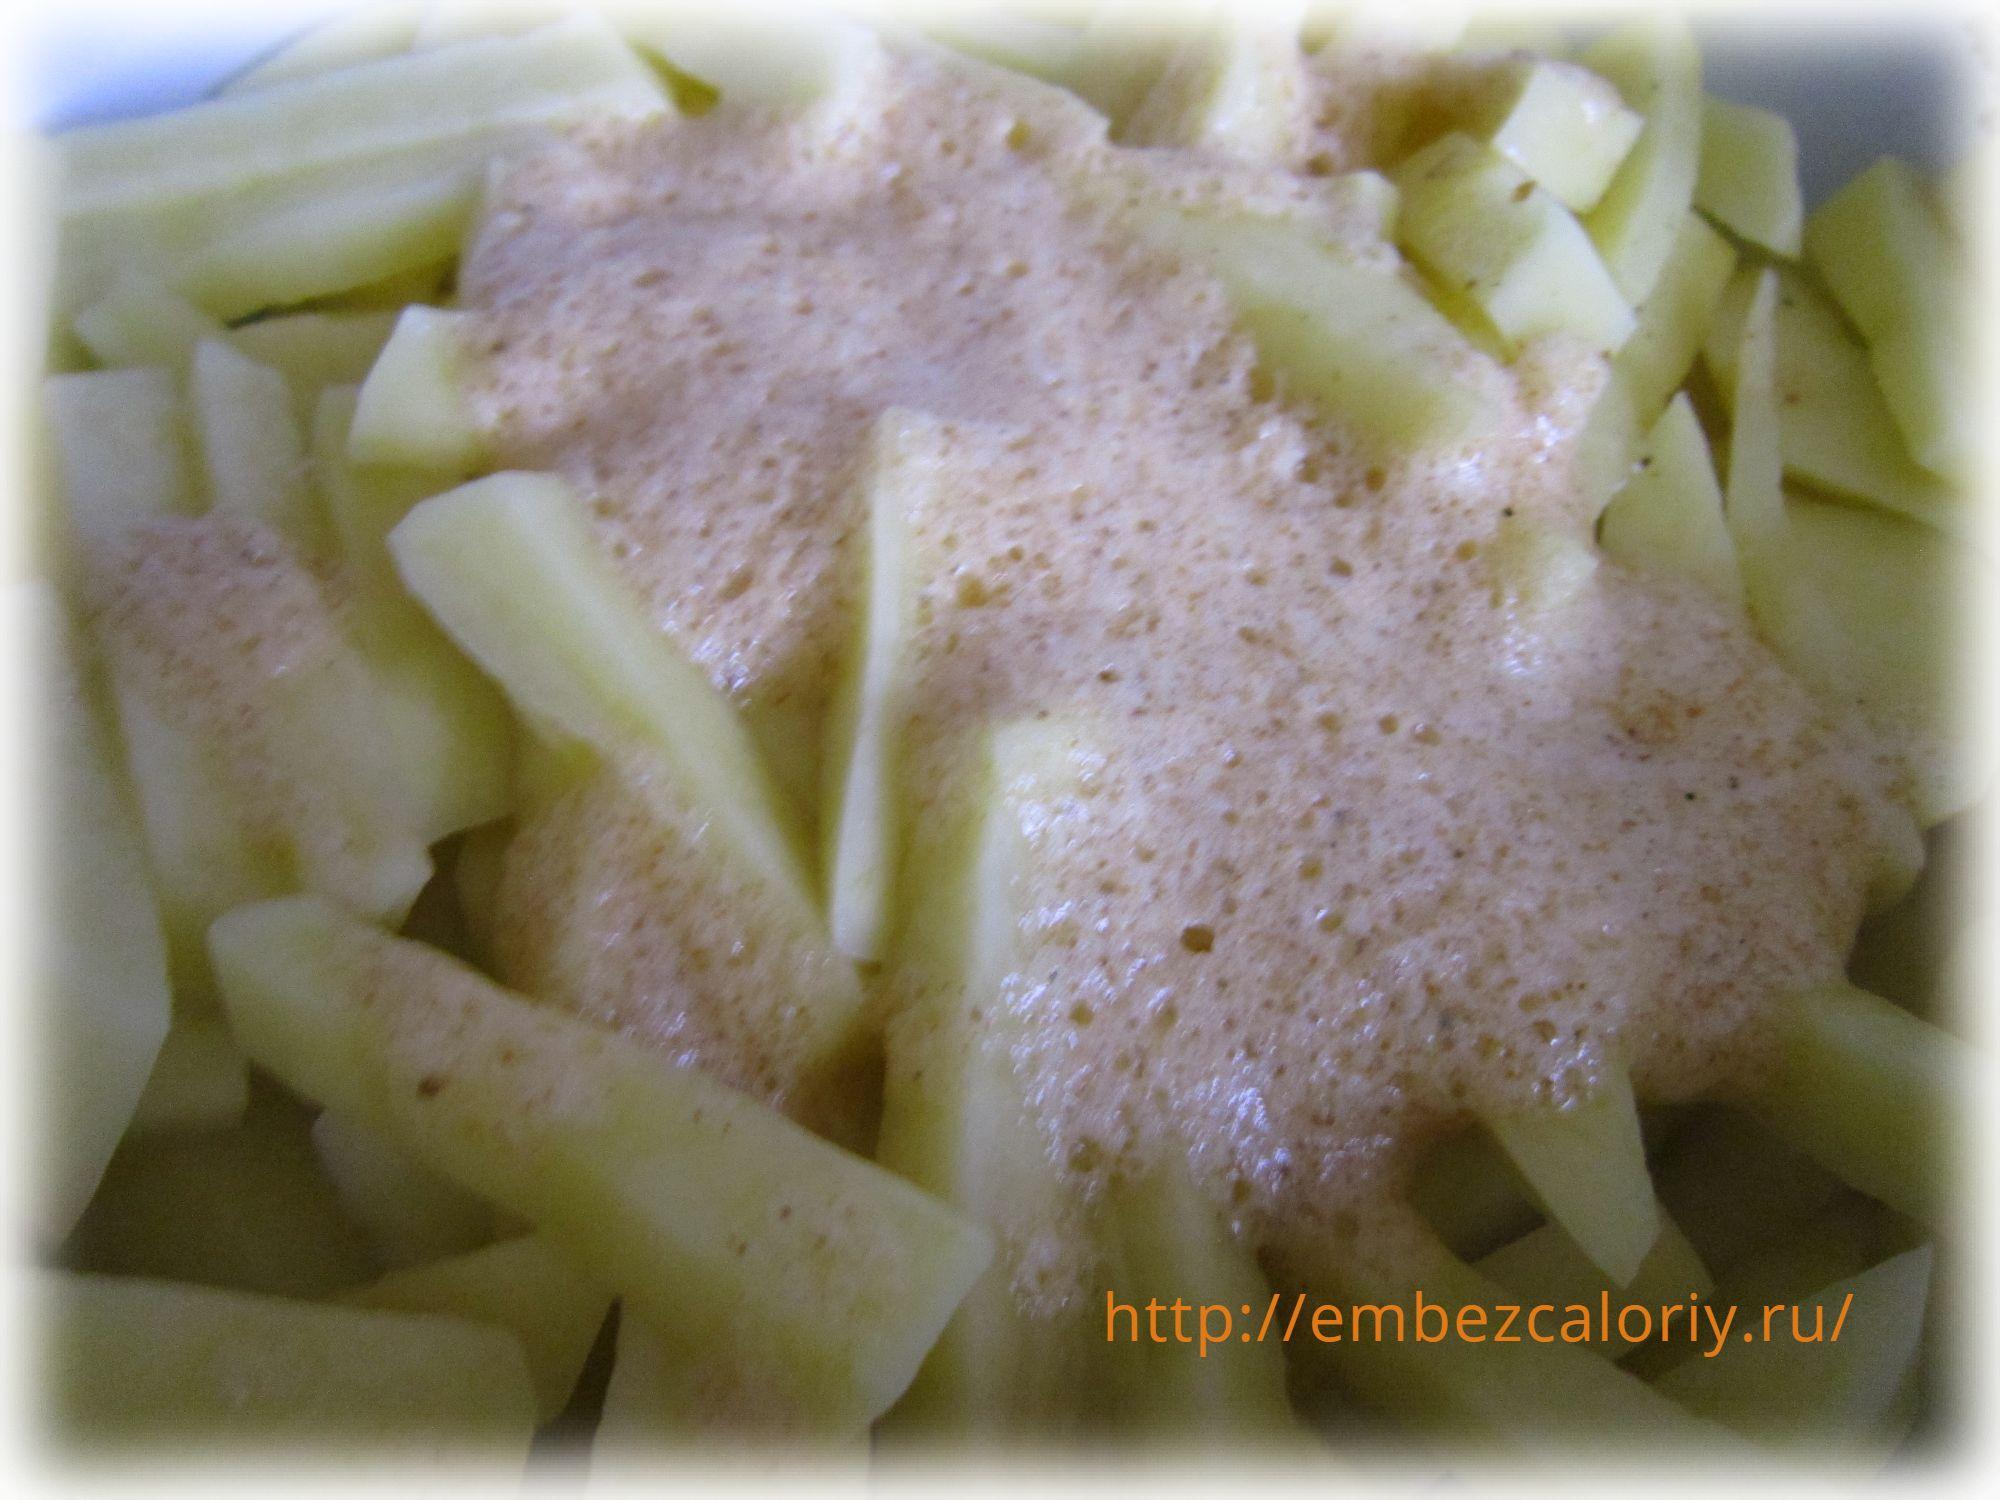 Выливаем белки в картофель и перемешиваем